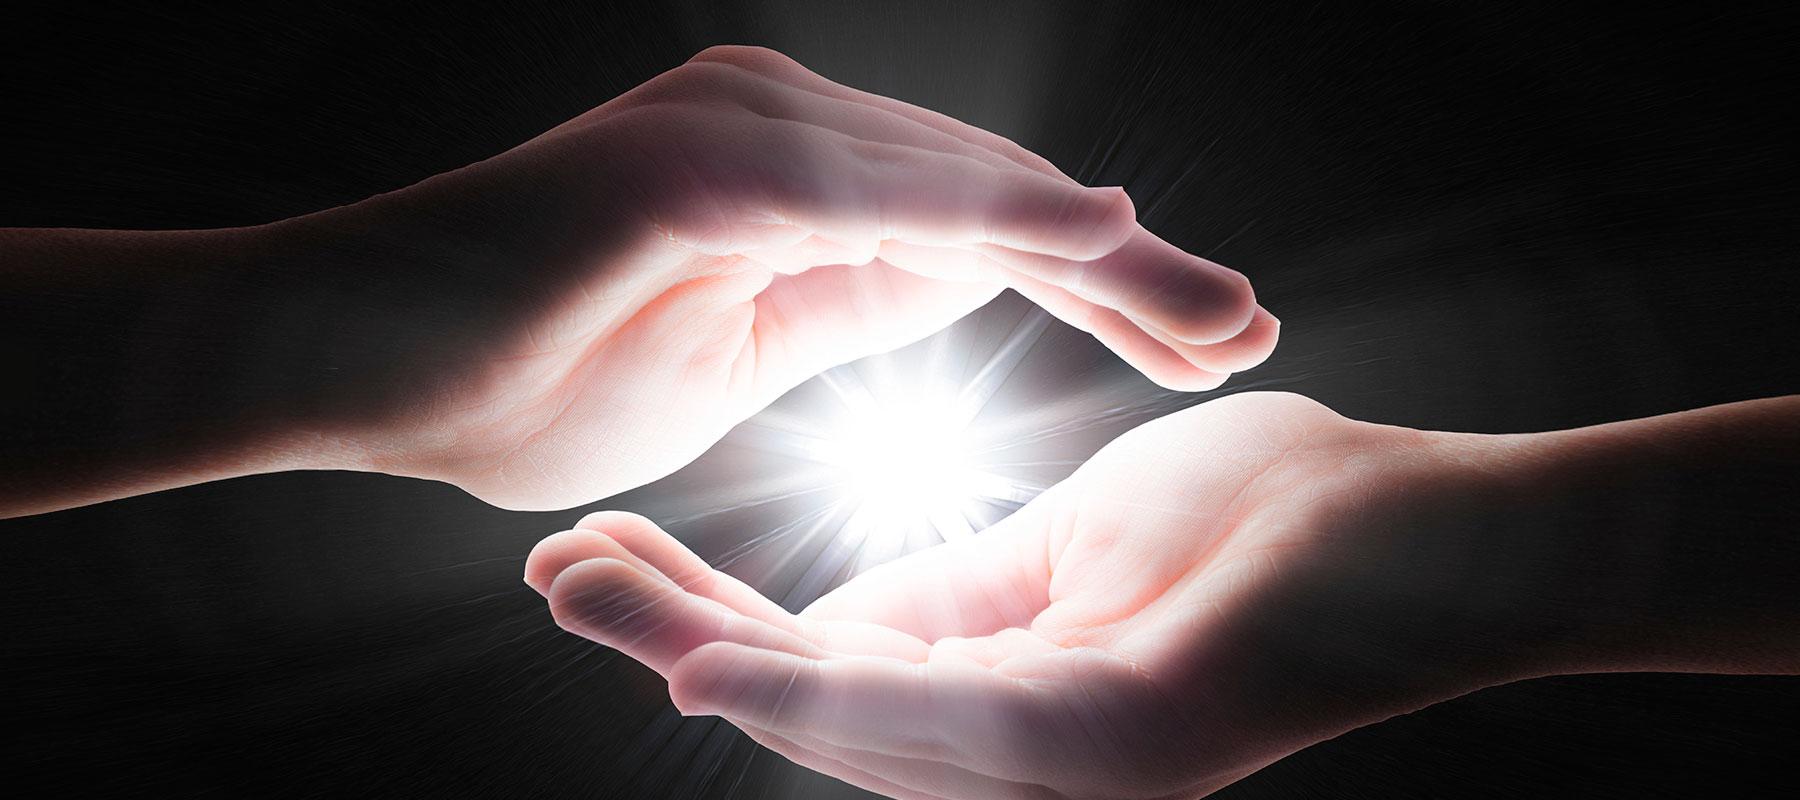 healing handen